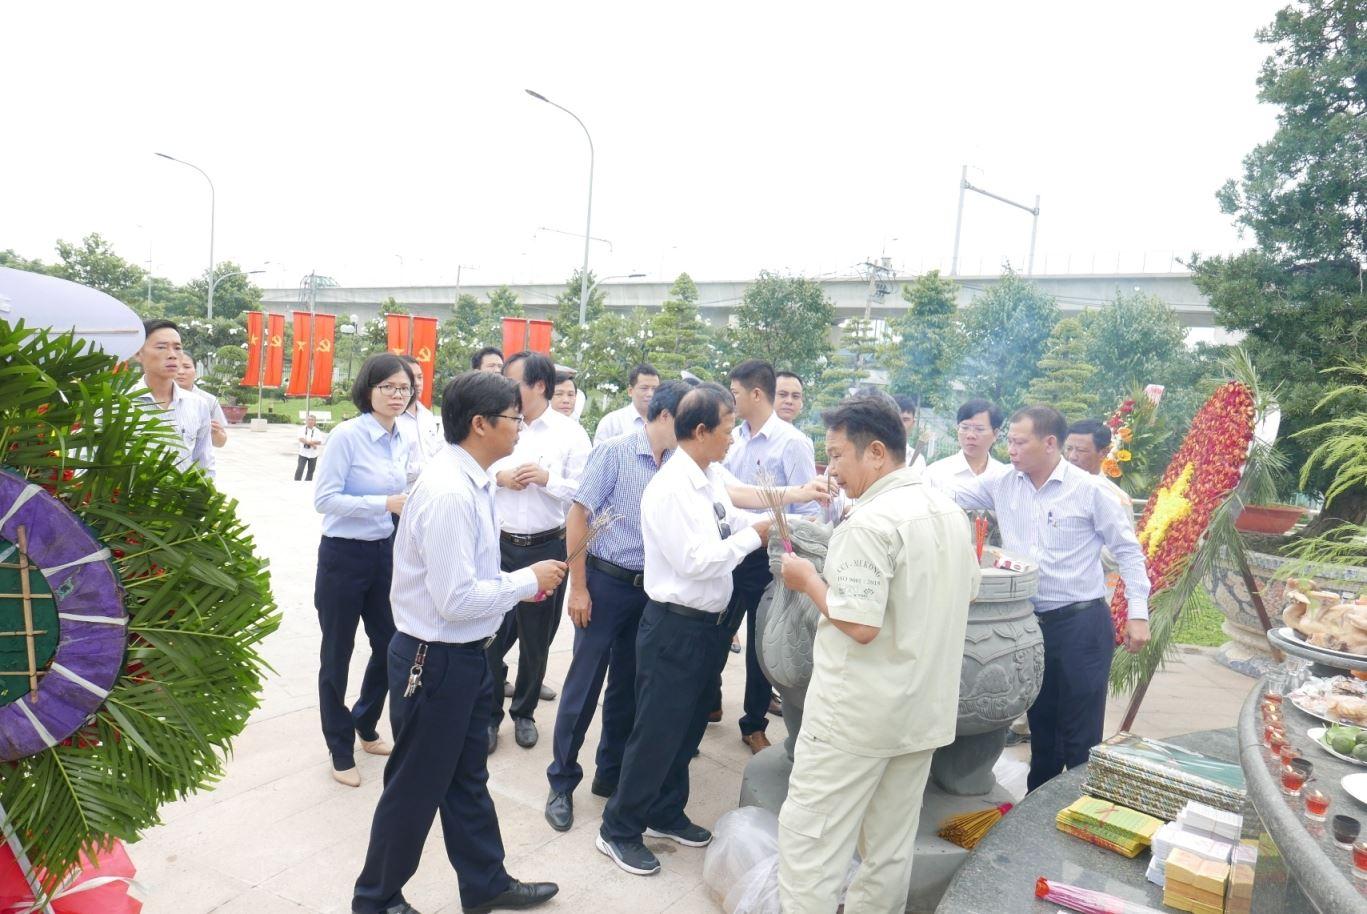 cc1-mekong-kinh-nho-anh-hung-liet-sy-27-07-19 (4)